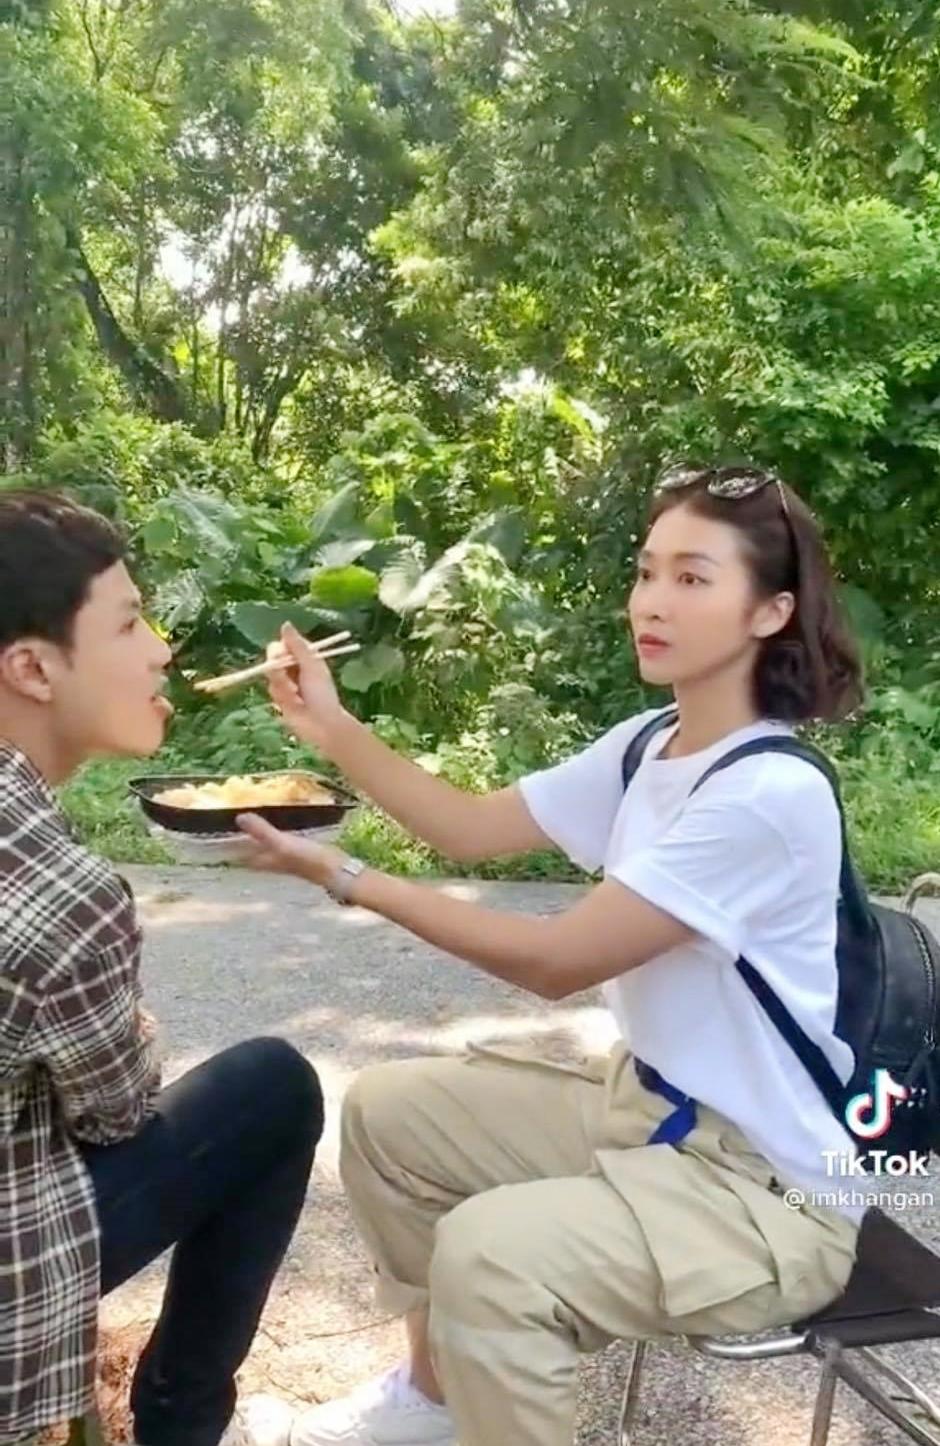 11 tháng 5 ngày: Khả Ngân tình tứ bón cho Thanh Sơn ăn trong hậu trường, bảo sao fan không đẩy thuyền - Ảnh 3.